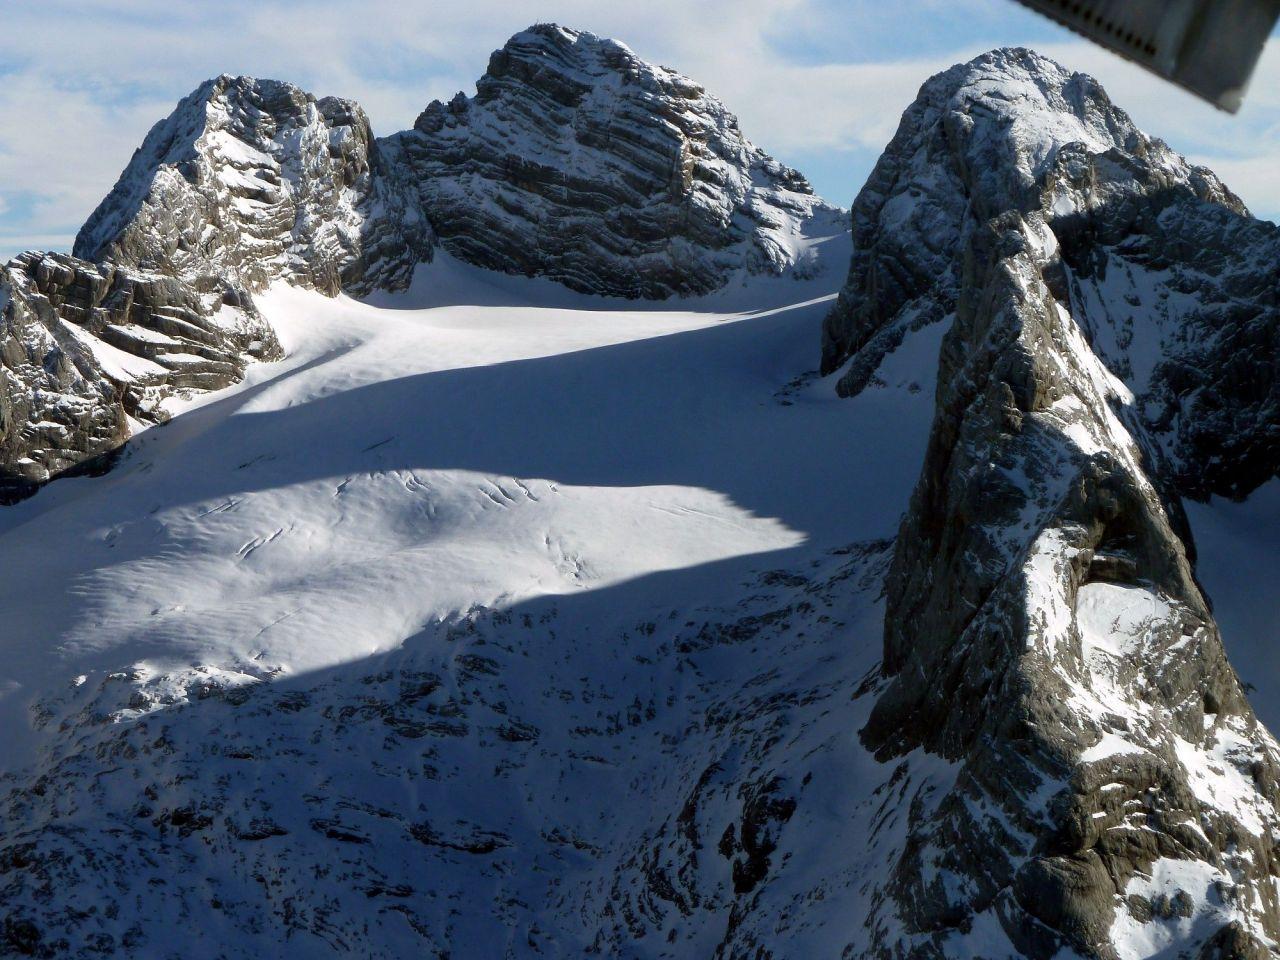 Alpenflug_Dachstein_2